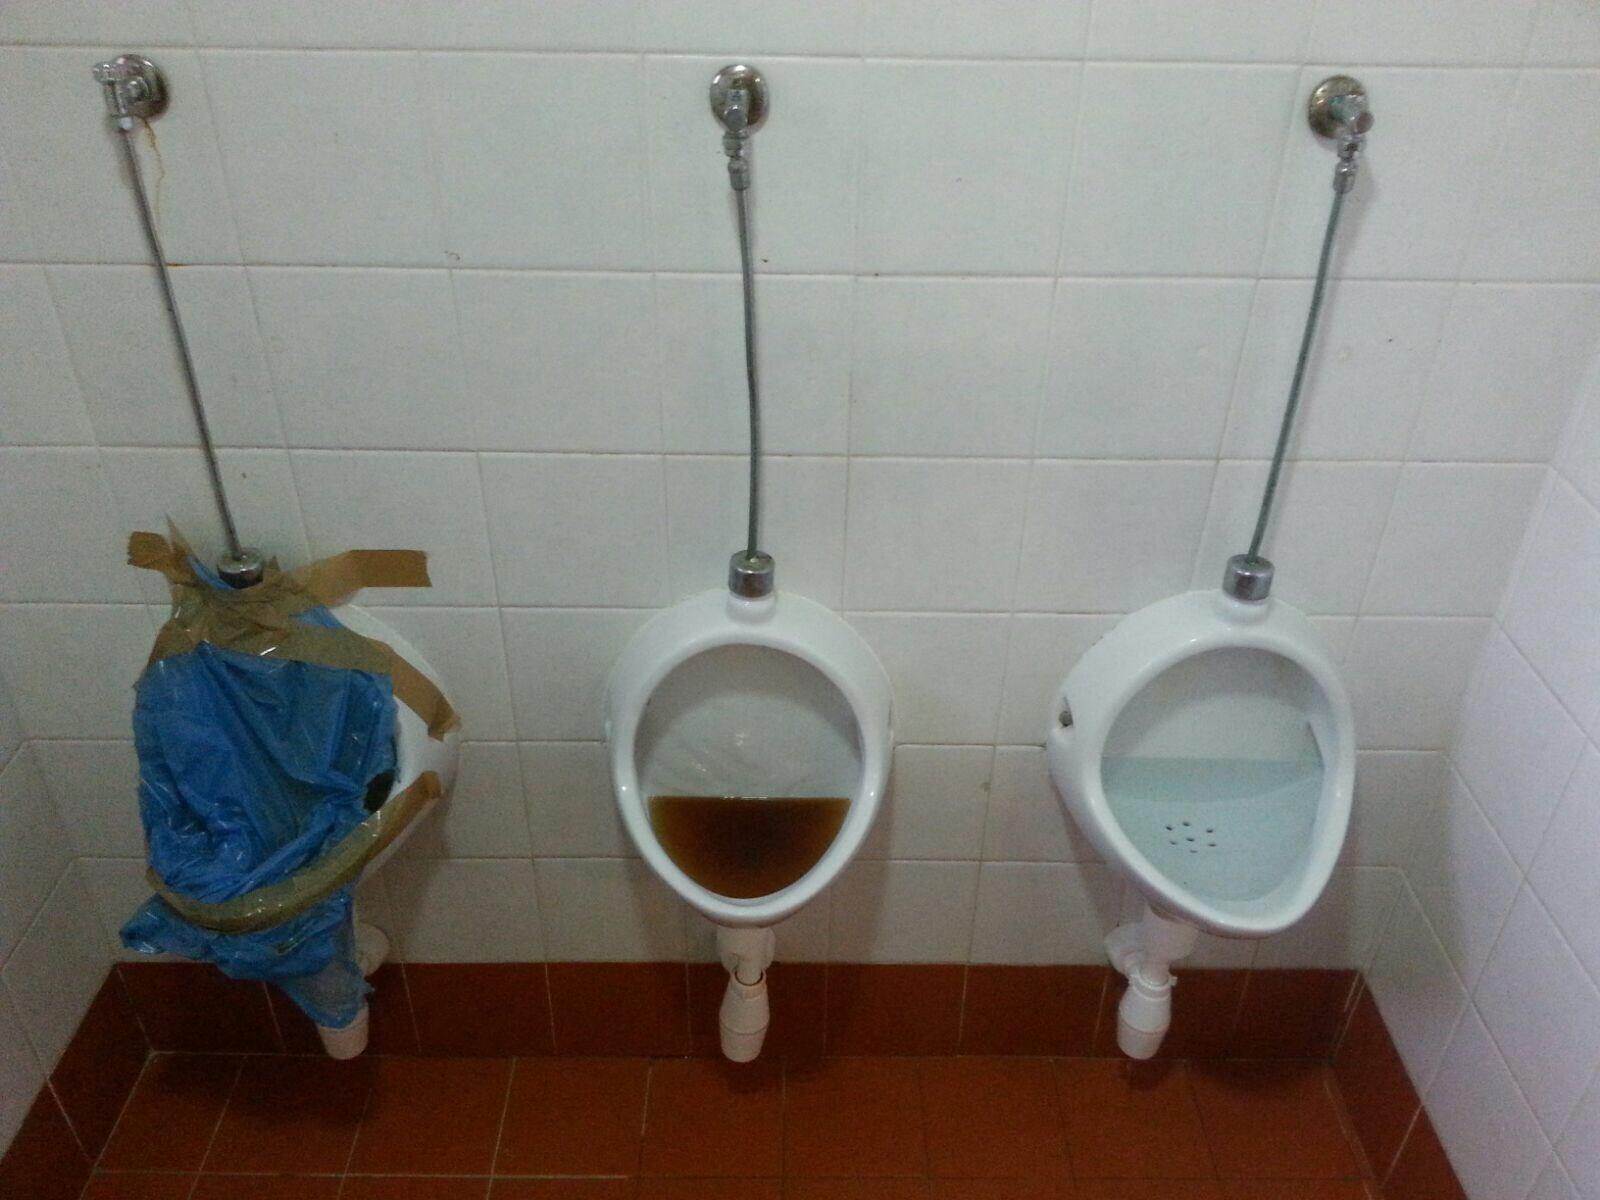 Teatro Greco di Siracusa, 10 euro per visitarlo toilette comprese